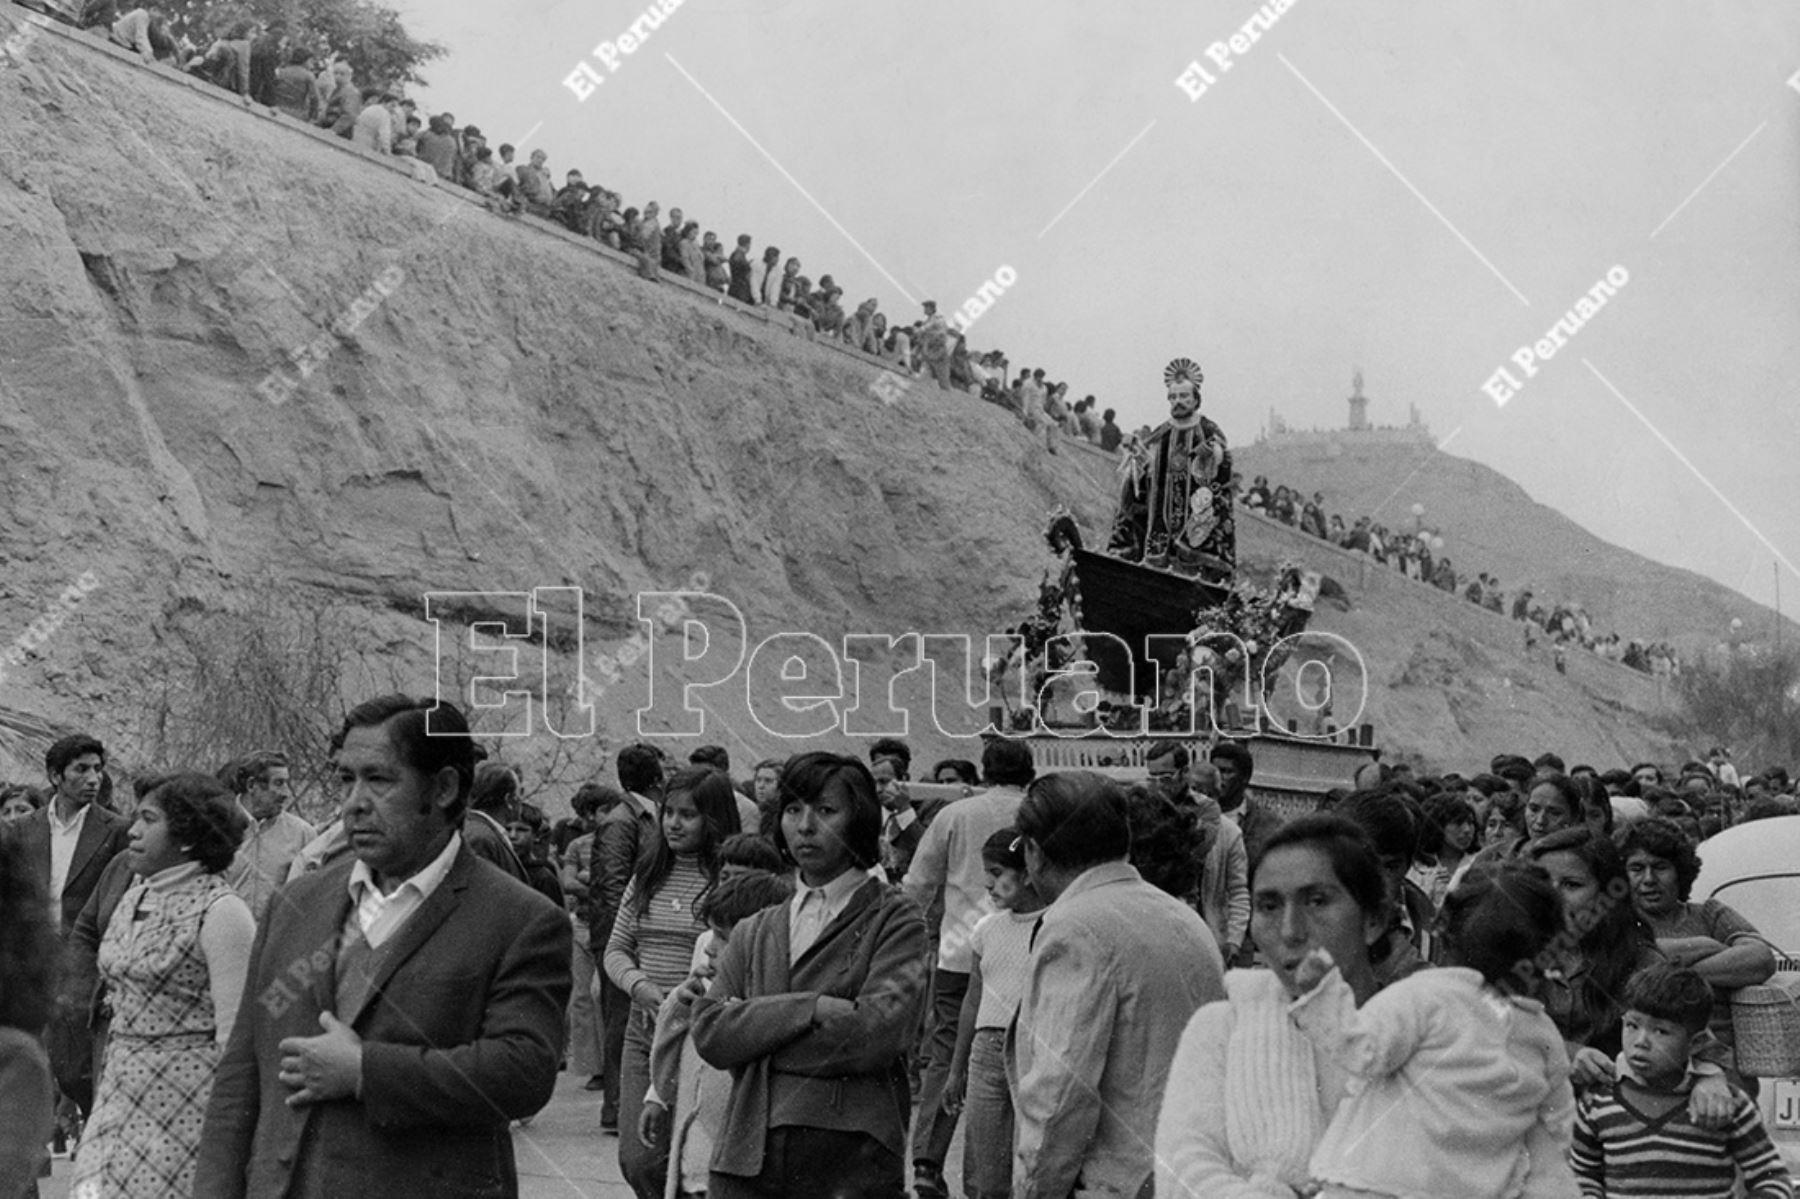 Chorrillos - 29 junio 1978  / Procesión de San Pedro en Chorrillos.    Foto: Archivo Histórico de El Peruano / José Risco